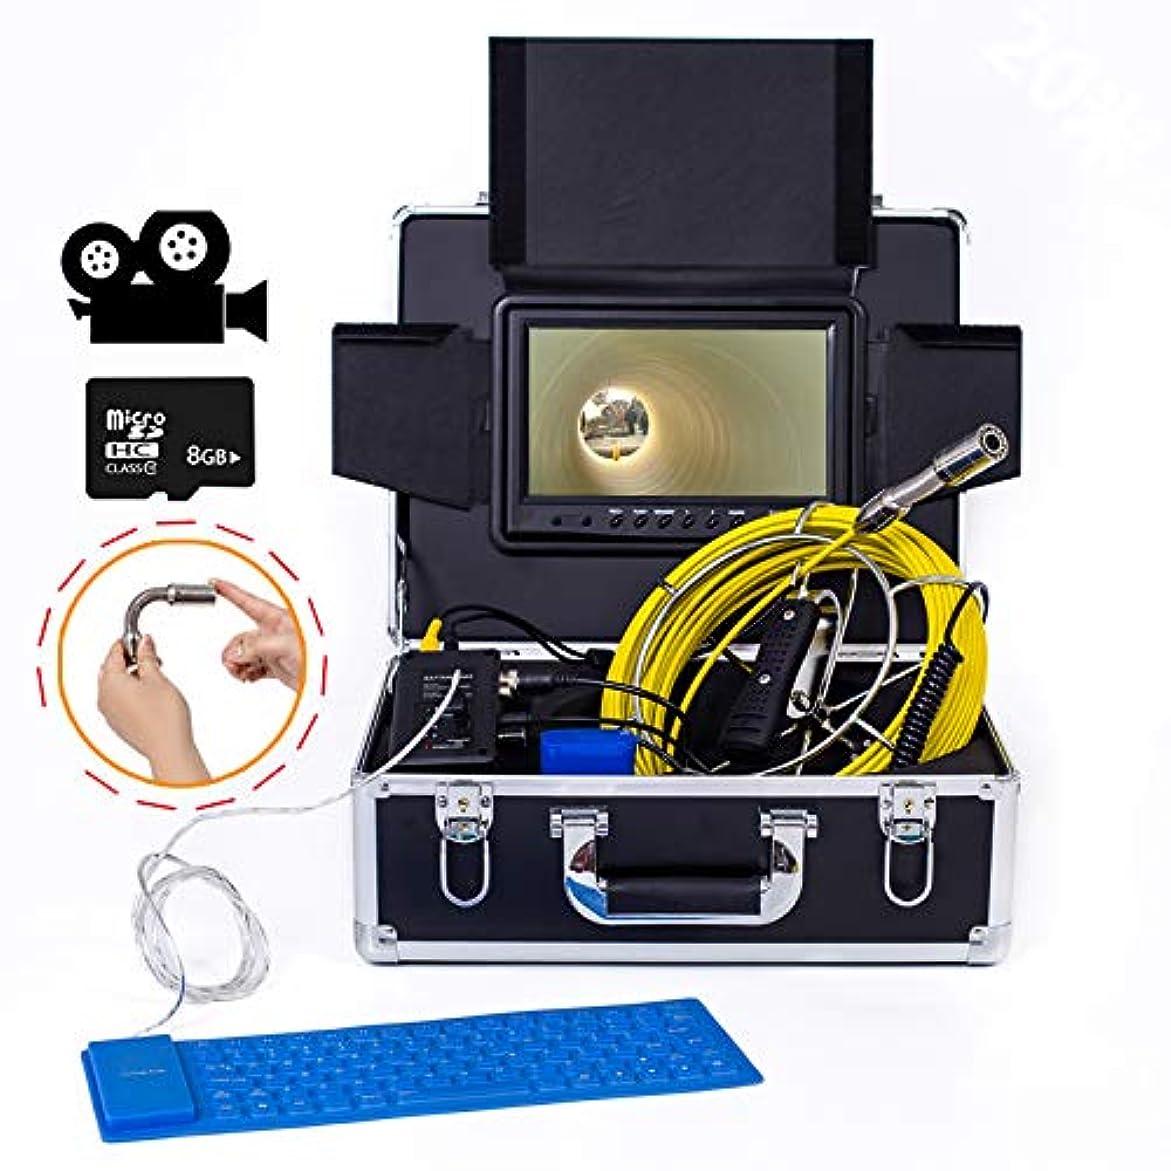 ライフルヘロイン日焼け9インチ23MM 産業パイプライン下水道検出カメラ IP68 防水排水検出 1000 TVL カメラ DVR ビデオ (40M)